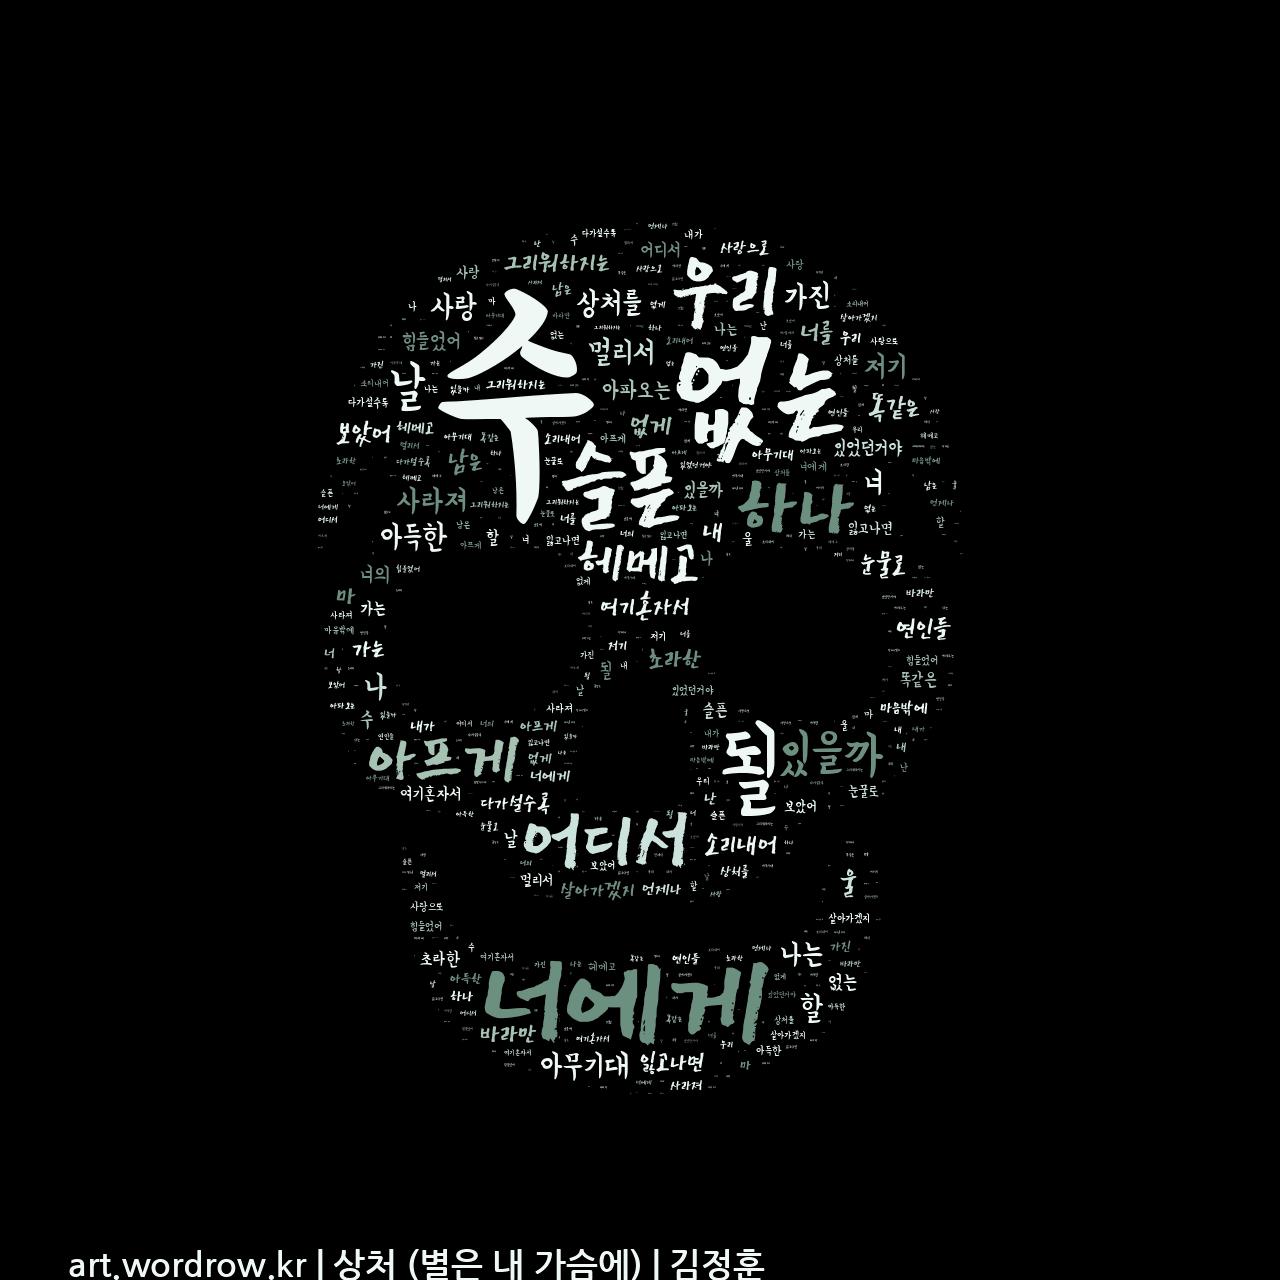 워드 클라우드: 상처 (별은 내 가슴에) [김정훈]-78